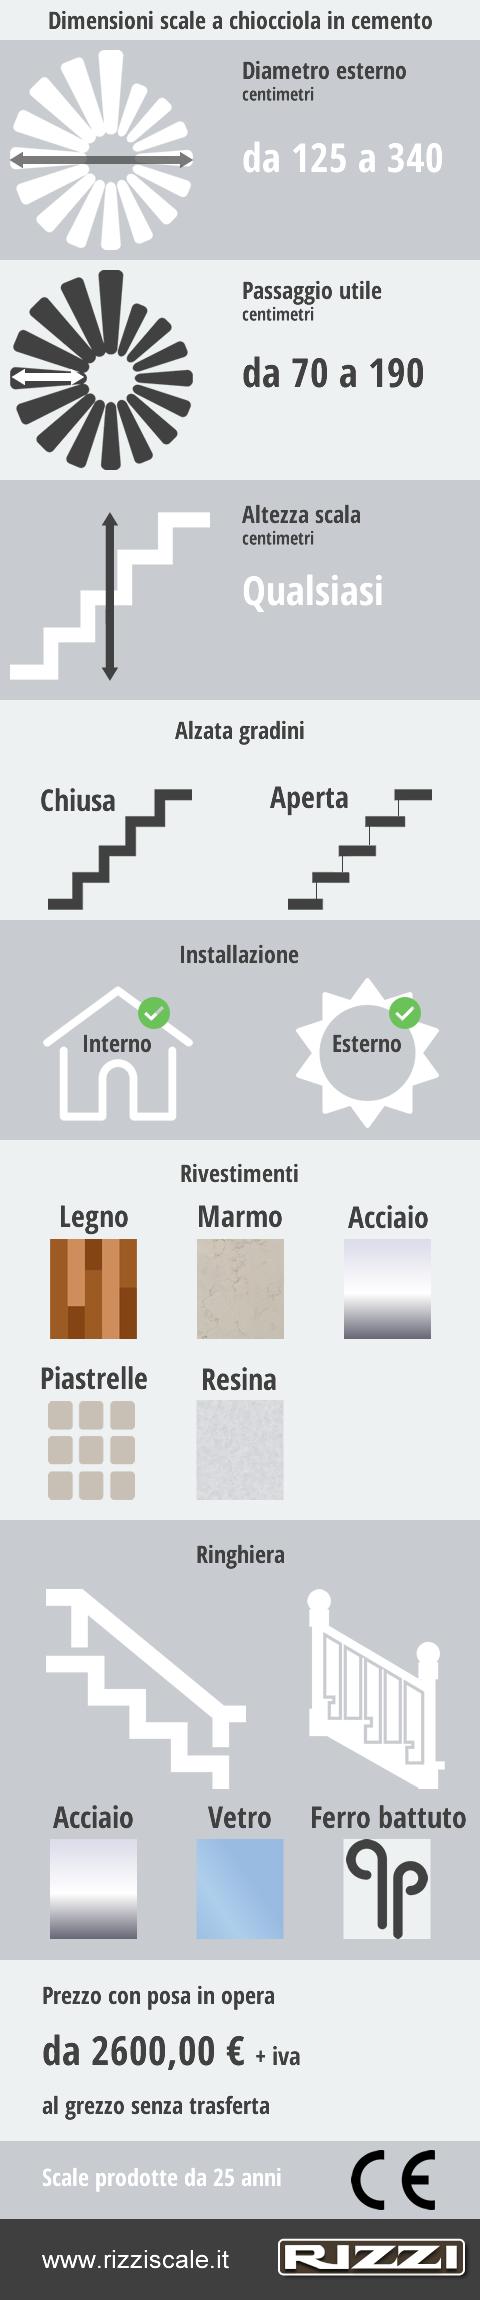 Alzata Massima Scala Interna scale a chiocciola artigianali su misura in vendita - rizzi